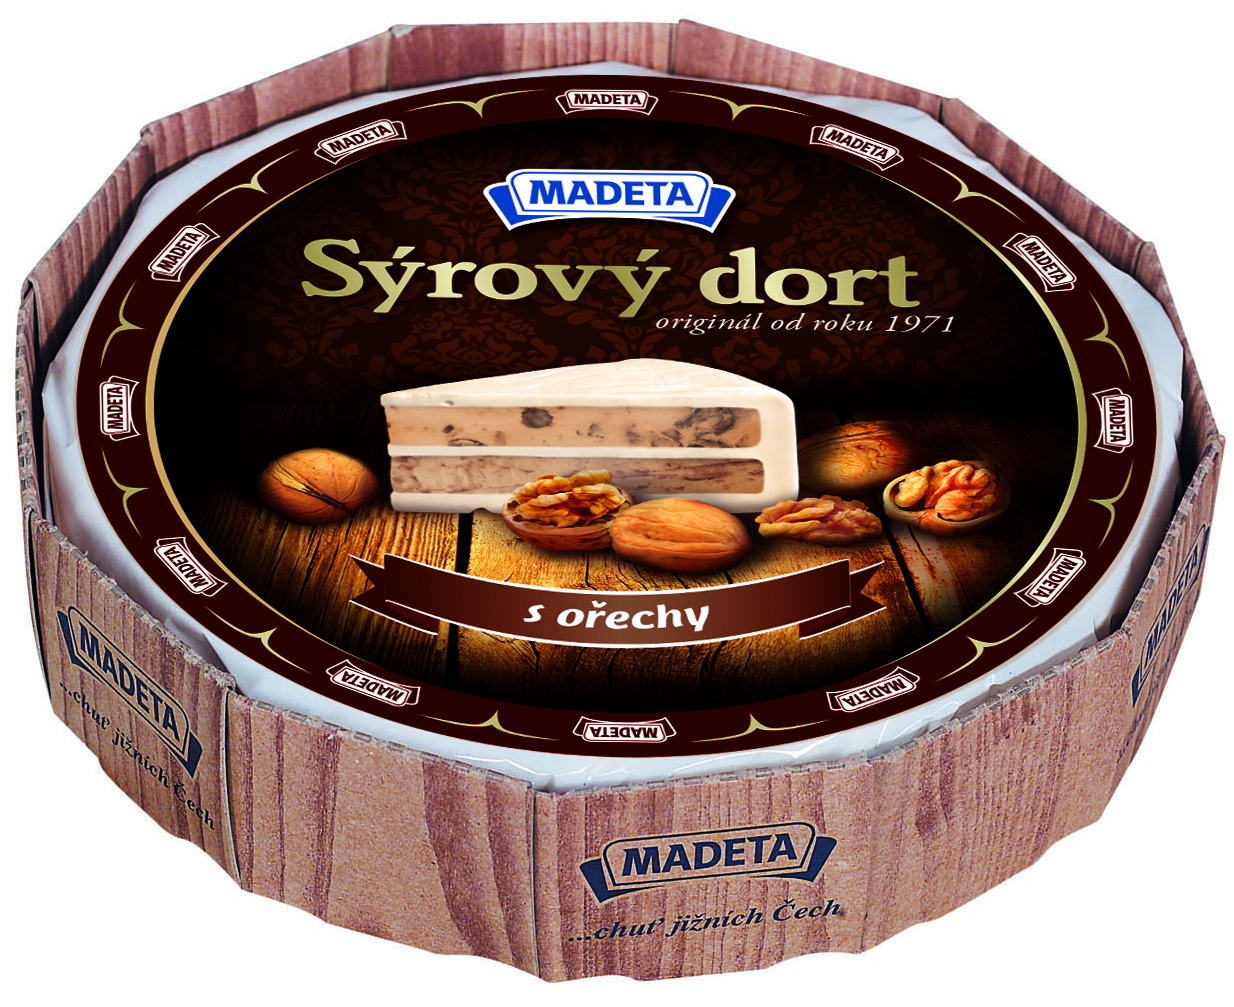 Značka Sýrový dort s ořechy